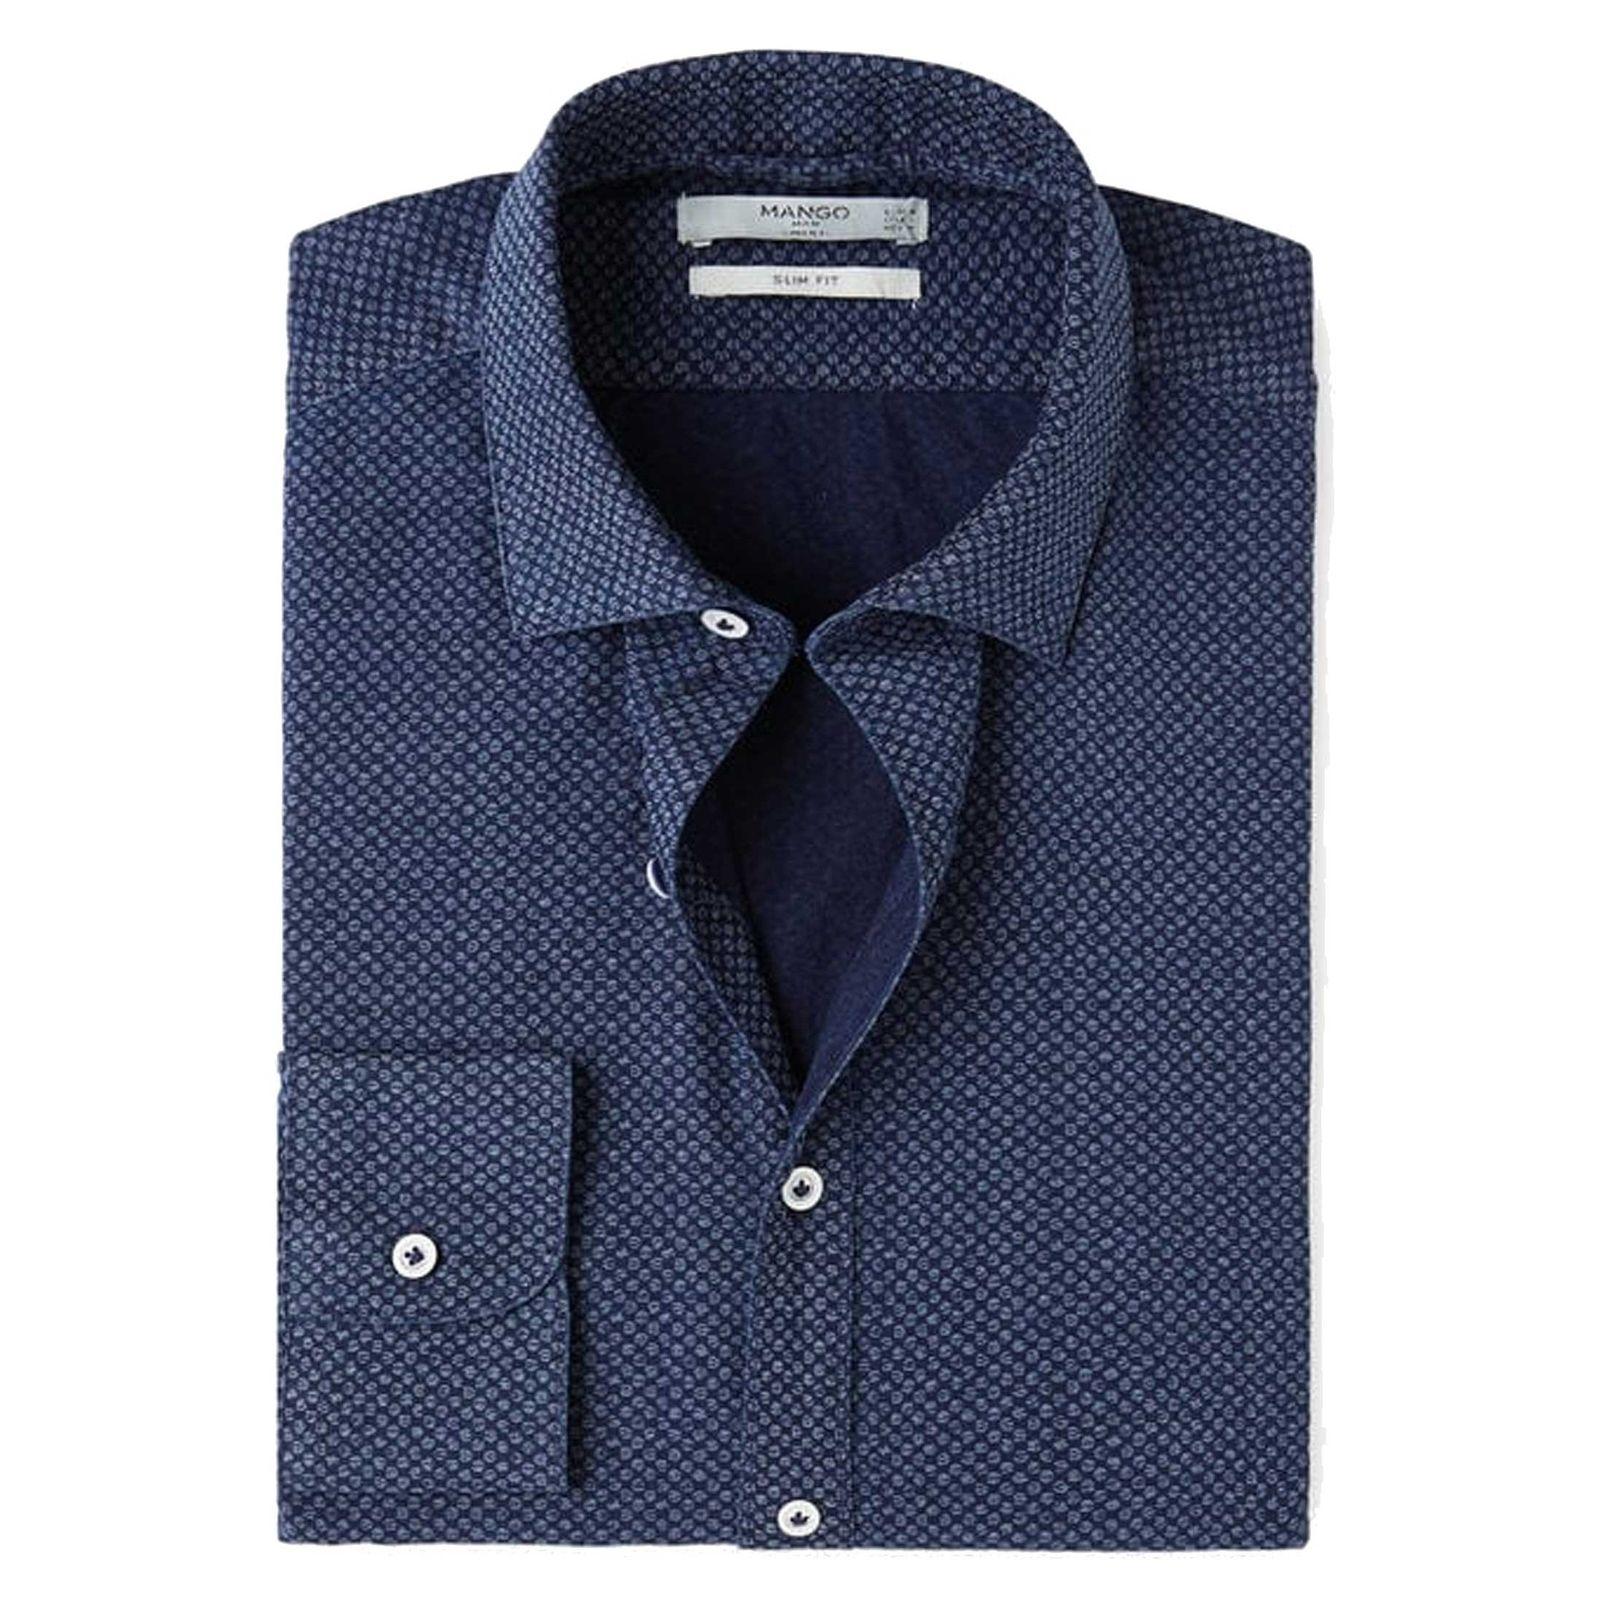 پیراهن نخی یقه برگردان آستین بلند مردانه - مانگو - آبي تيره - 6